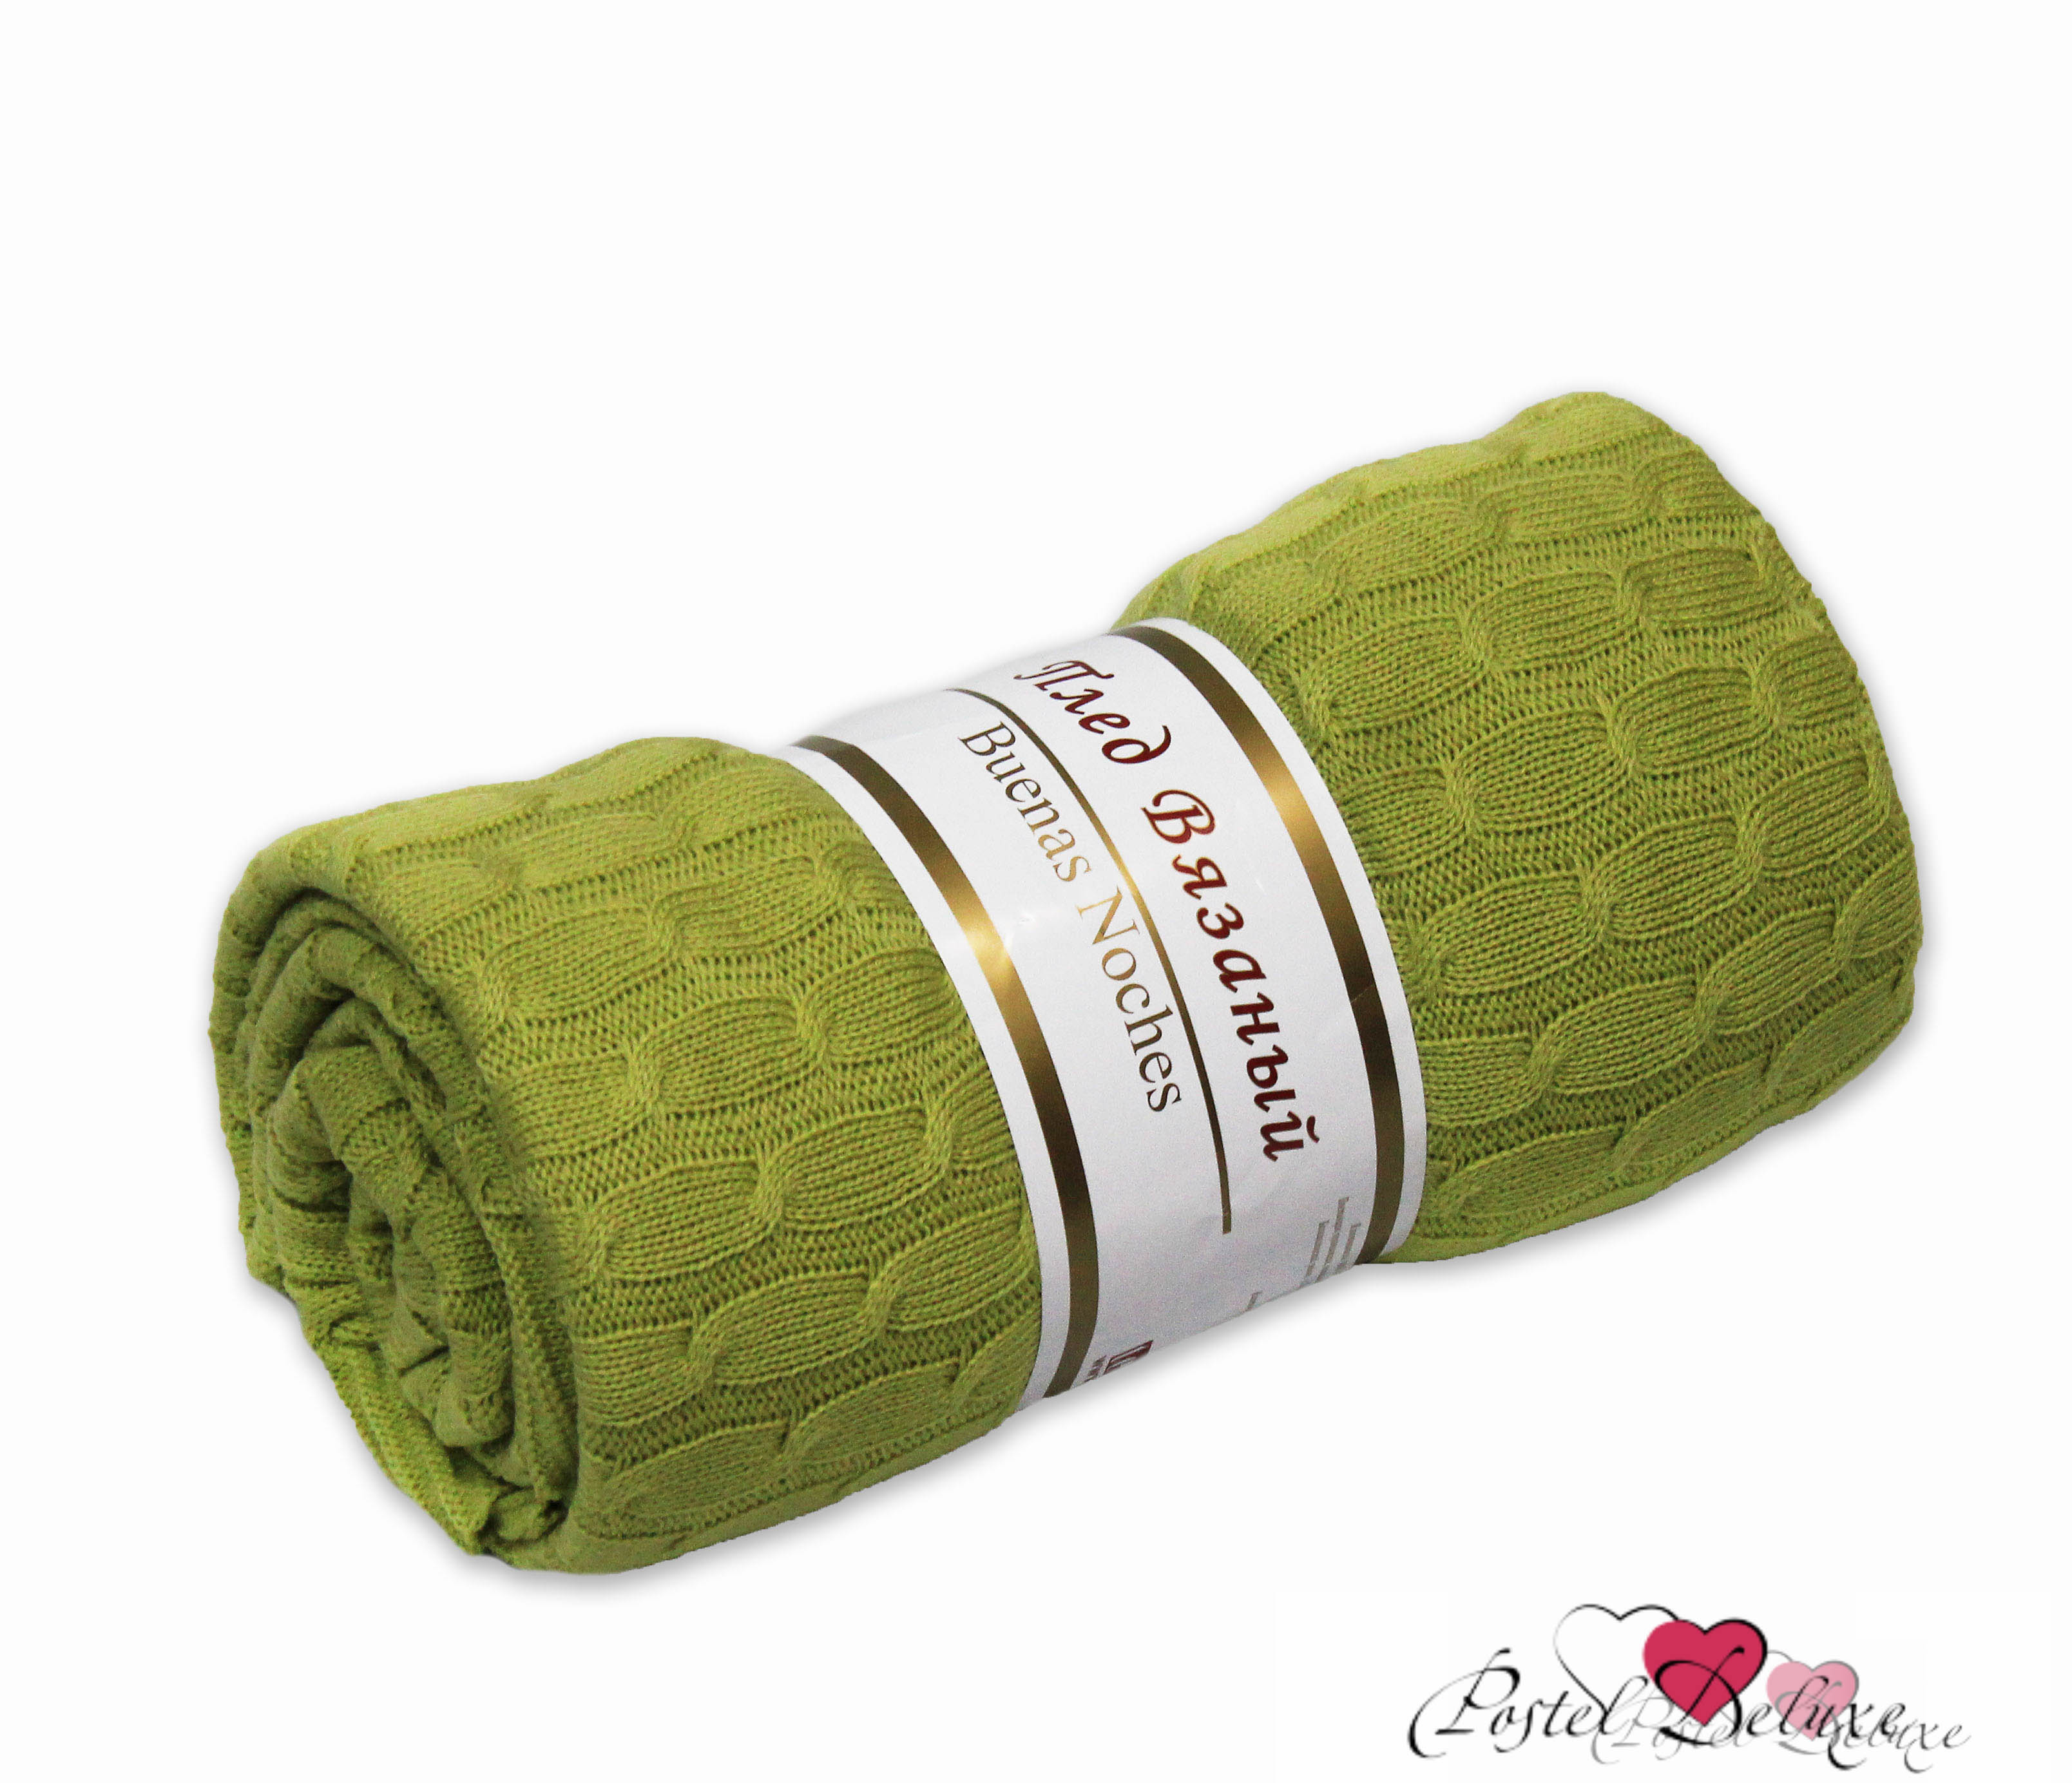 Плед Buenas Noches Плед Albertine Цвет: Зеленый (180х200 см) плед buenas noches плед albertine цвет молочный 180х200 см